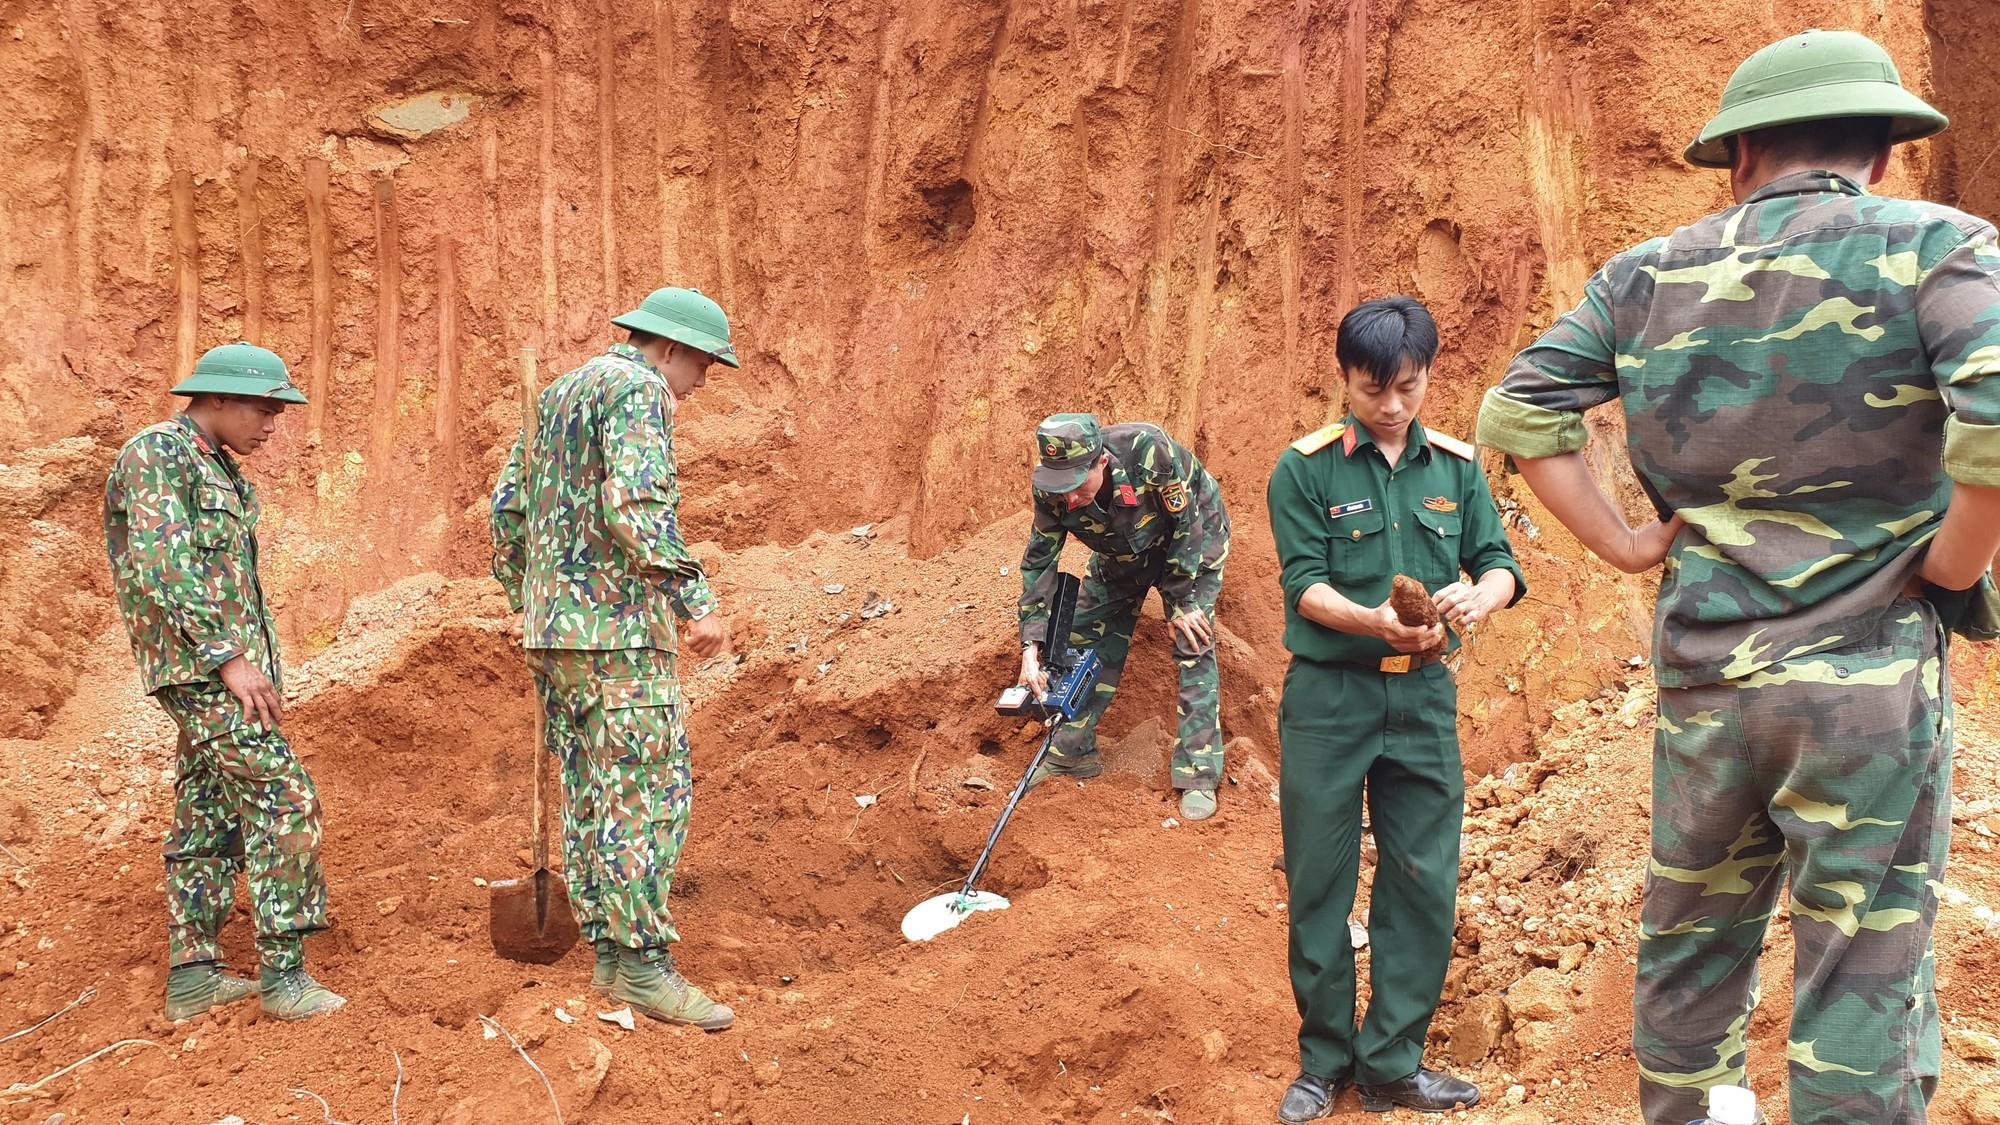 4 giờ căng thẳng tháo gỡ thành công 80 quả đạn cối dưới chân đèo Bảo Lộc - Ảnh 1.